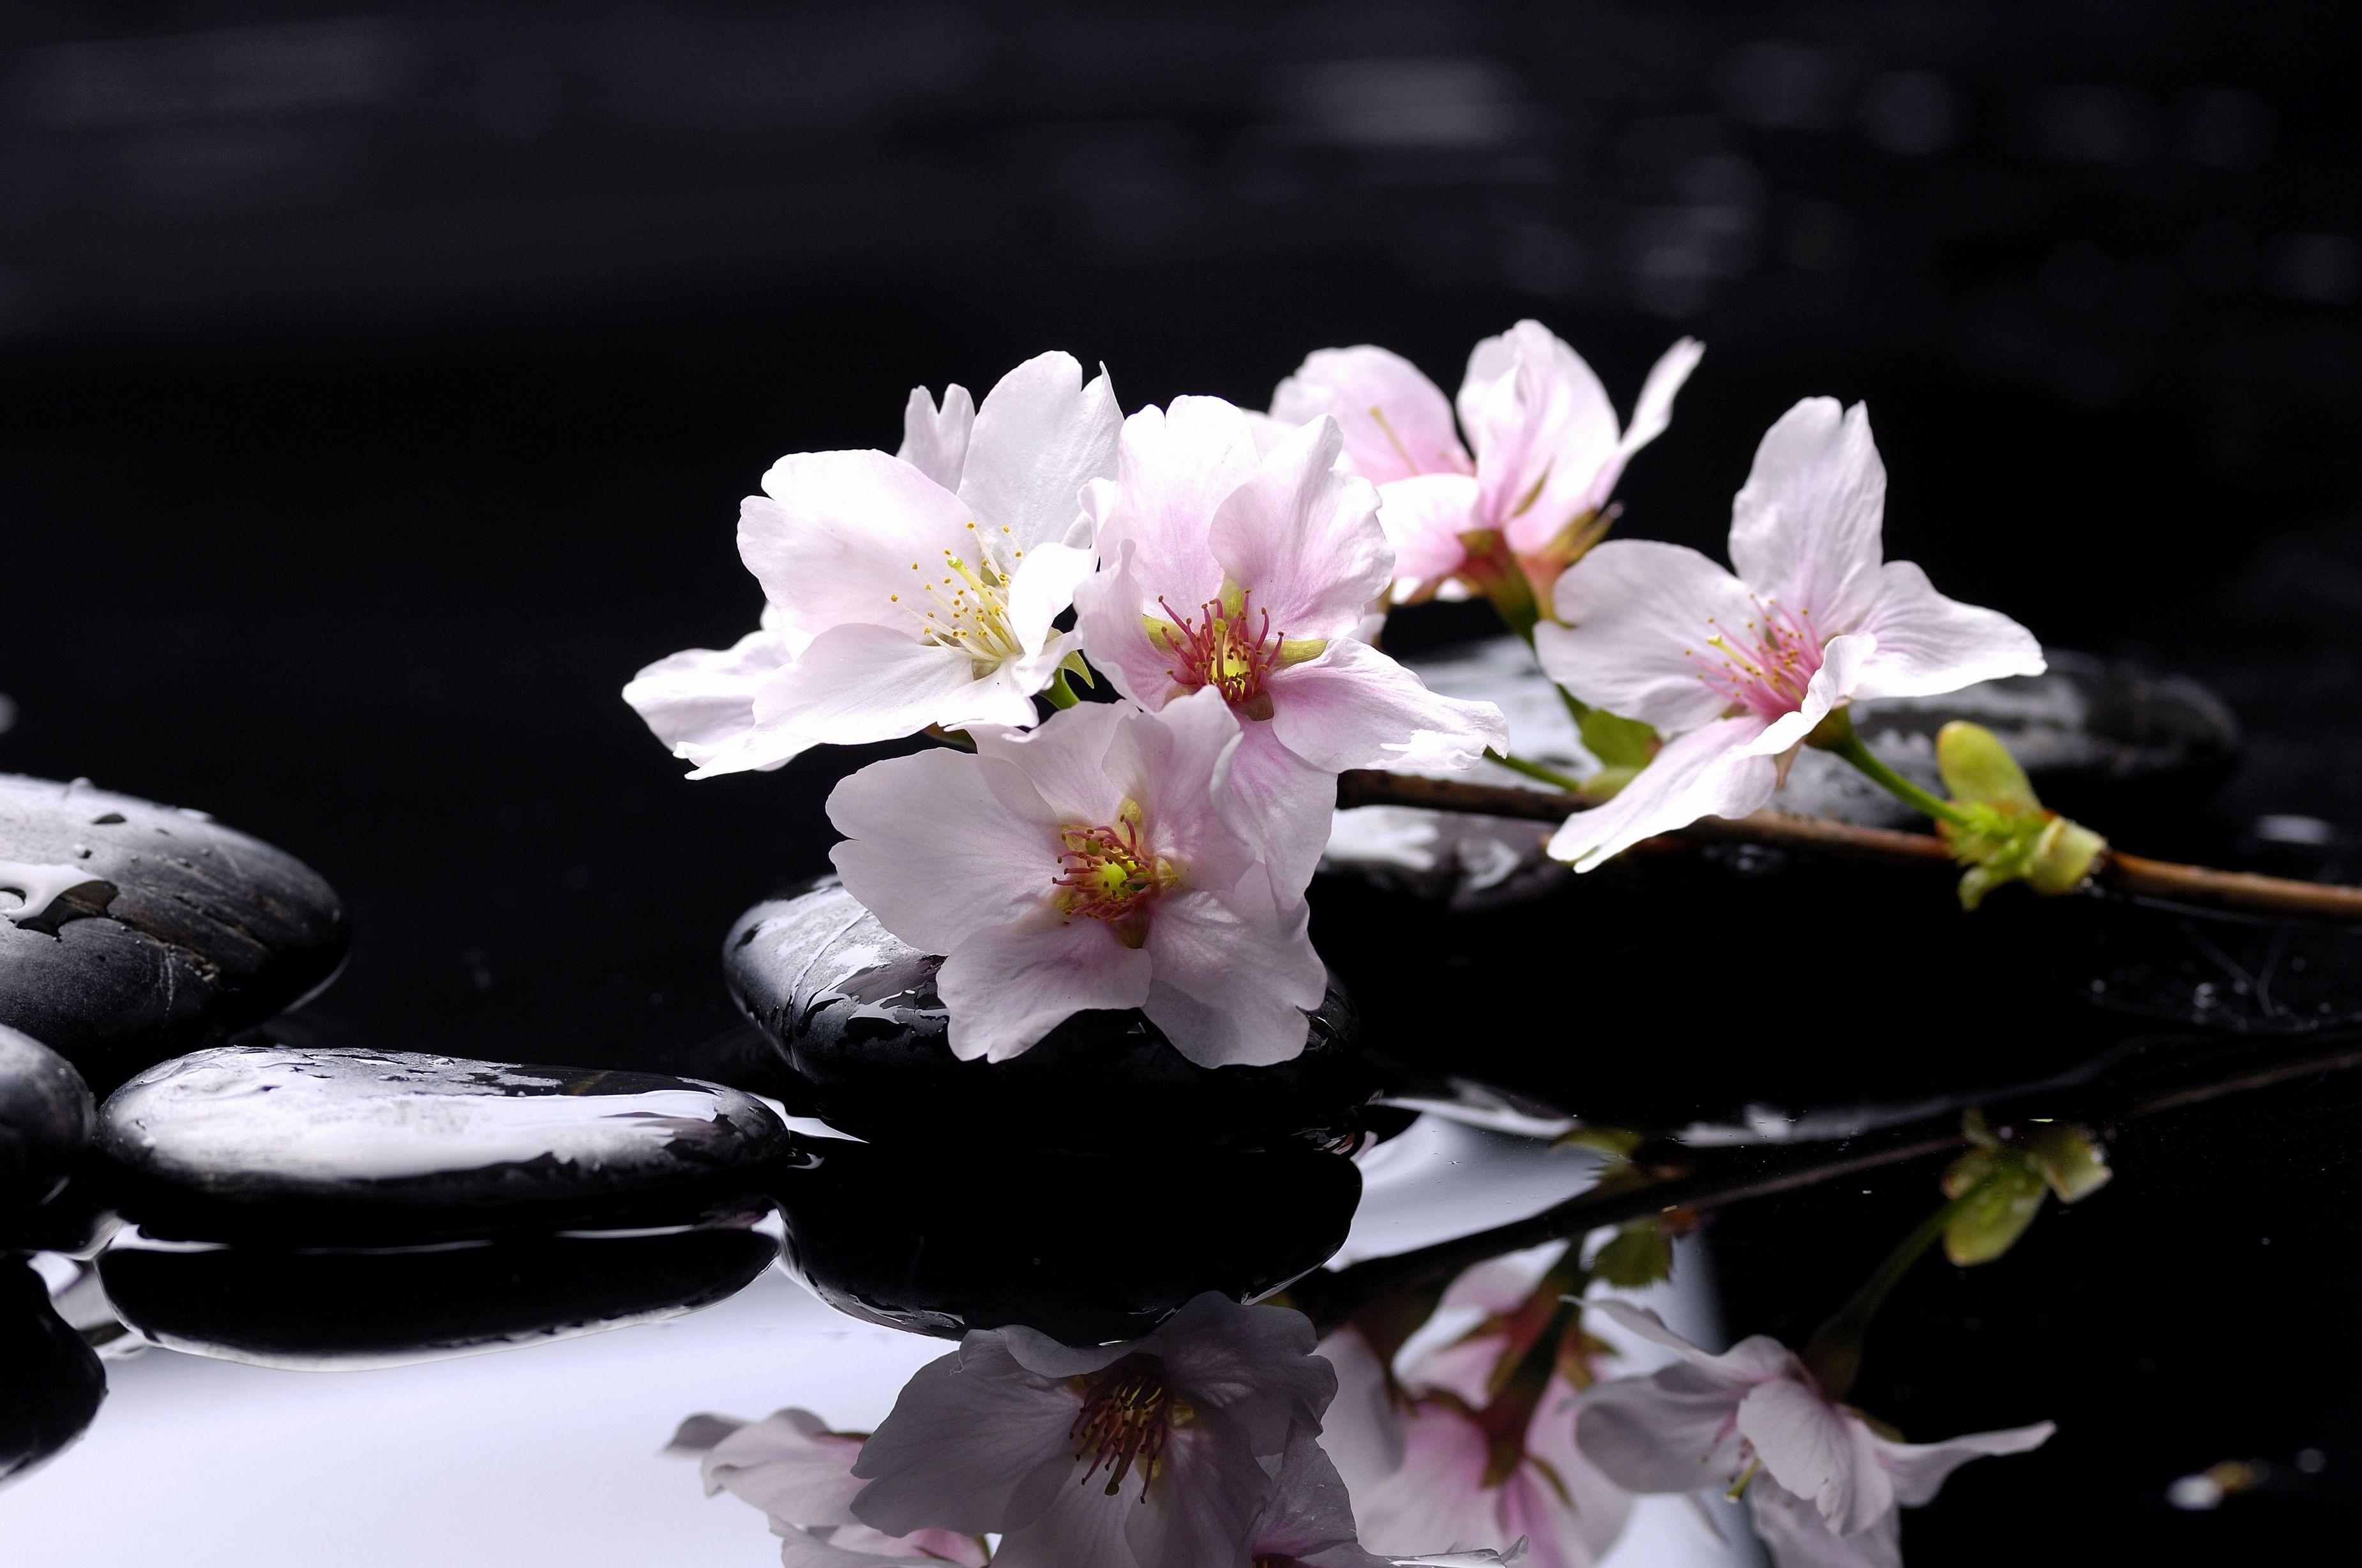 Камни черные цветок  № 2989346 без смс